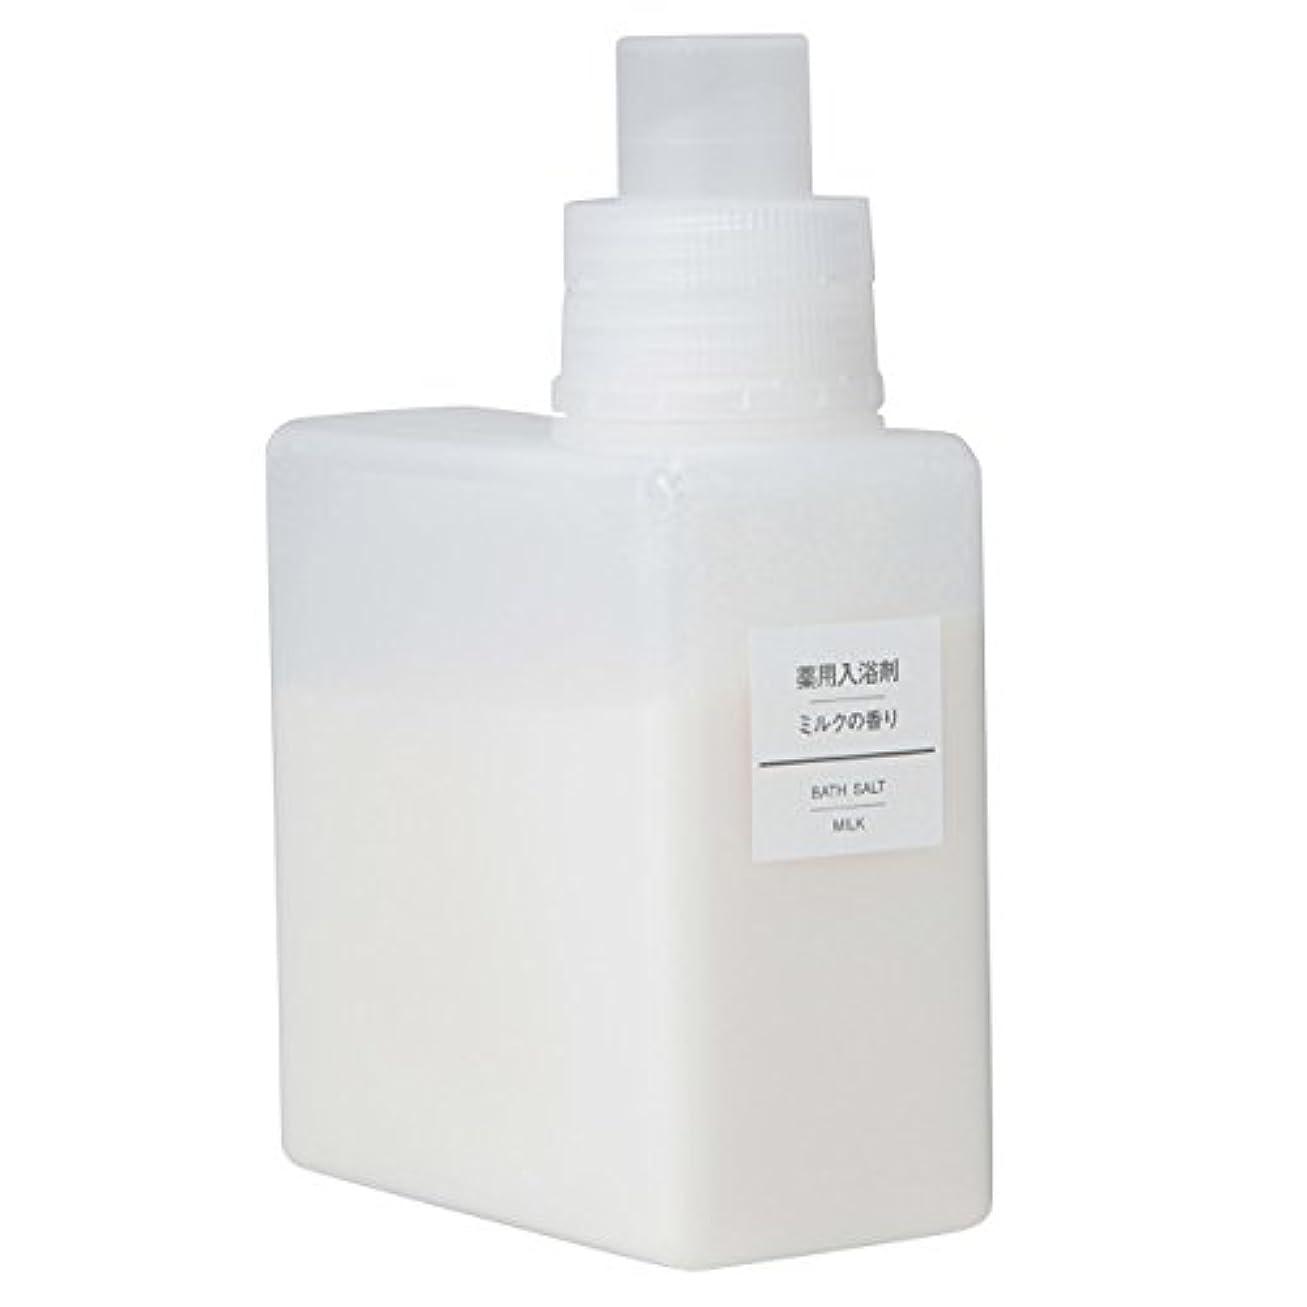 お客様準備した絶対の無印良品 薬用入浴剤?ミルクの香り (新)500g 日本製